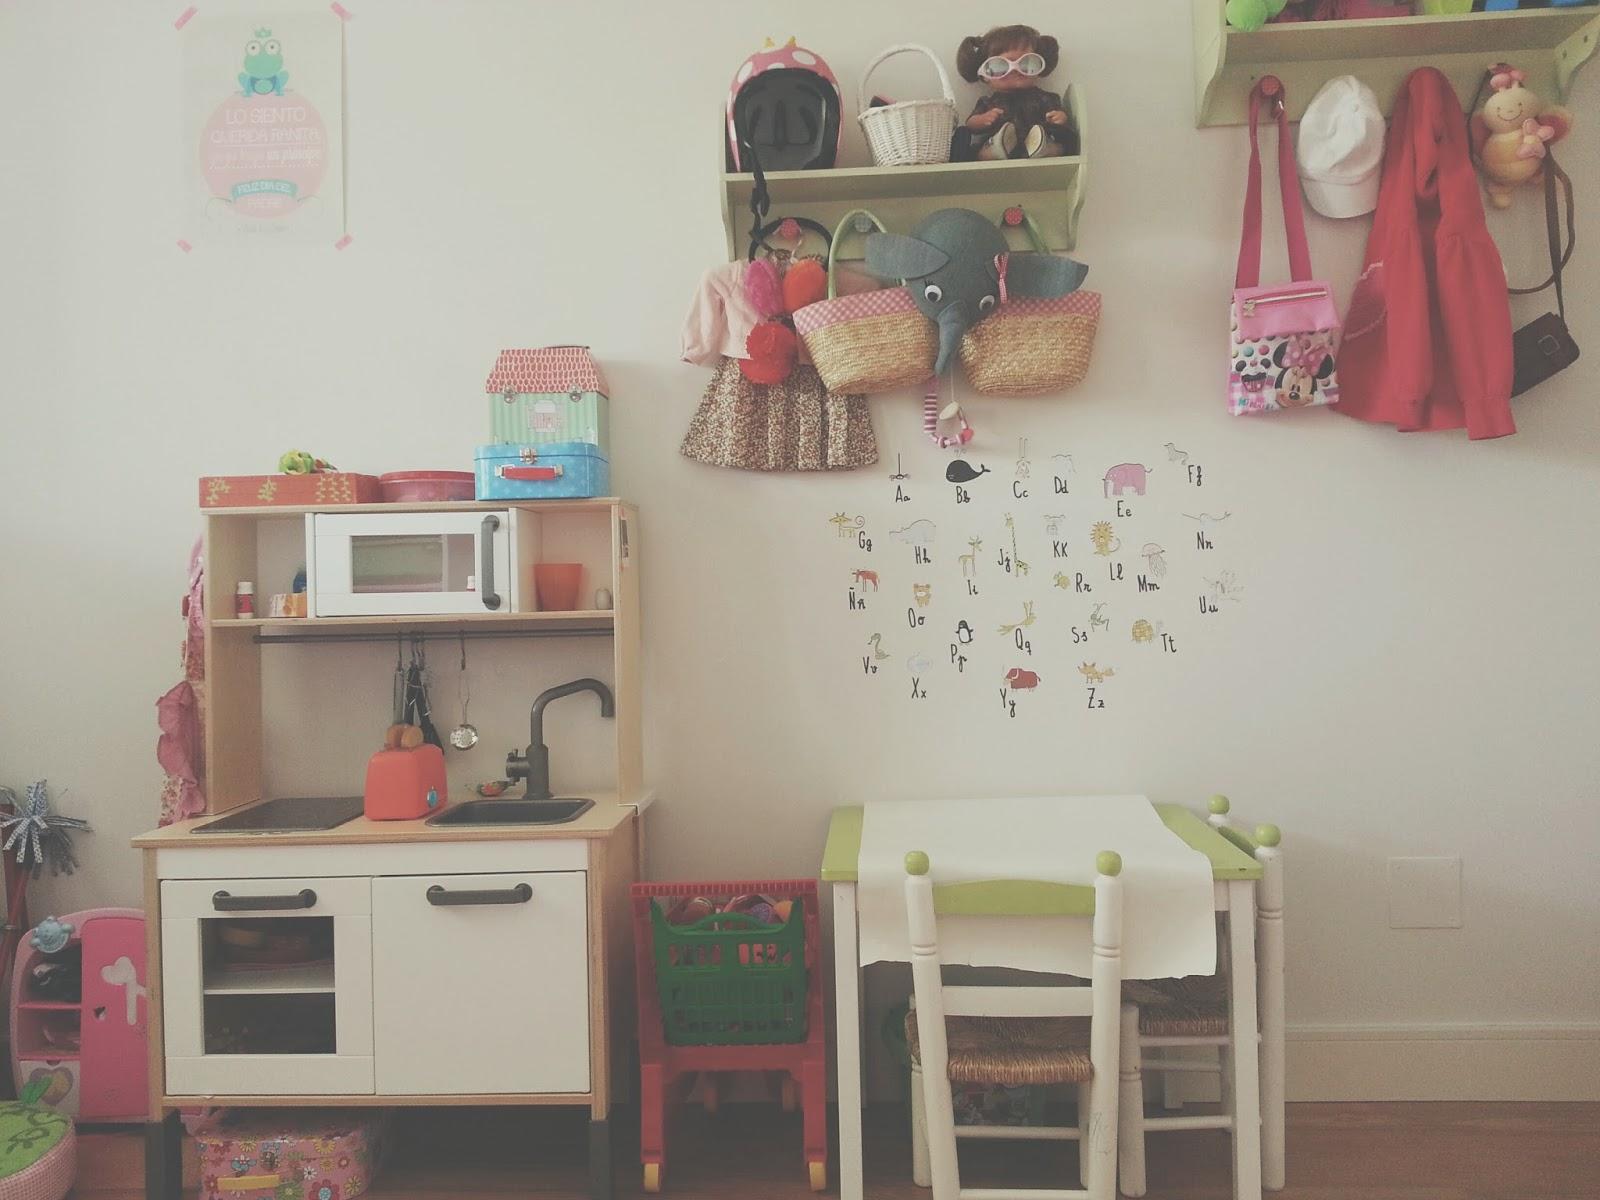 Habitaci n para ni as a partir de 2 a os for Habitaciones para ninas 12 anos